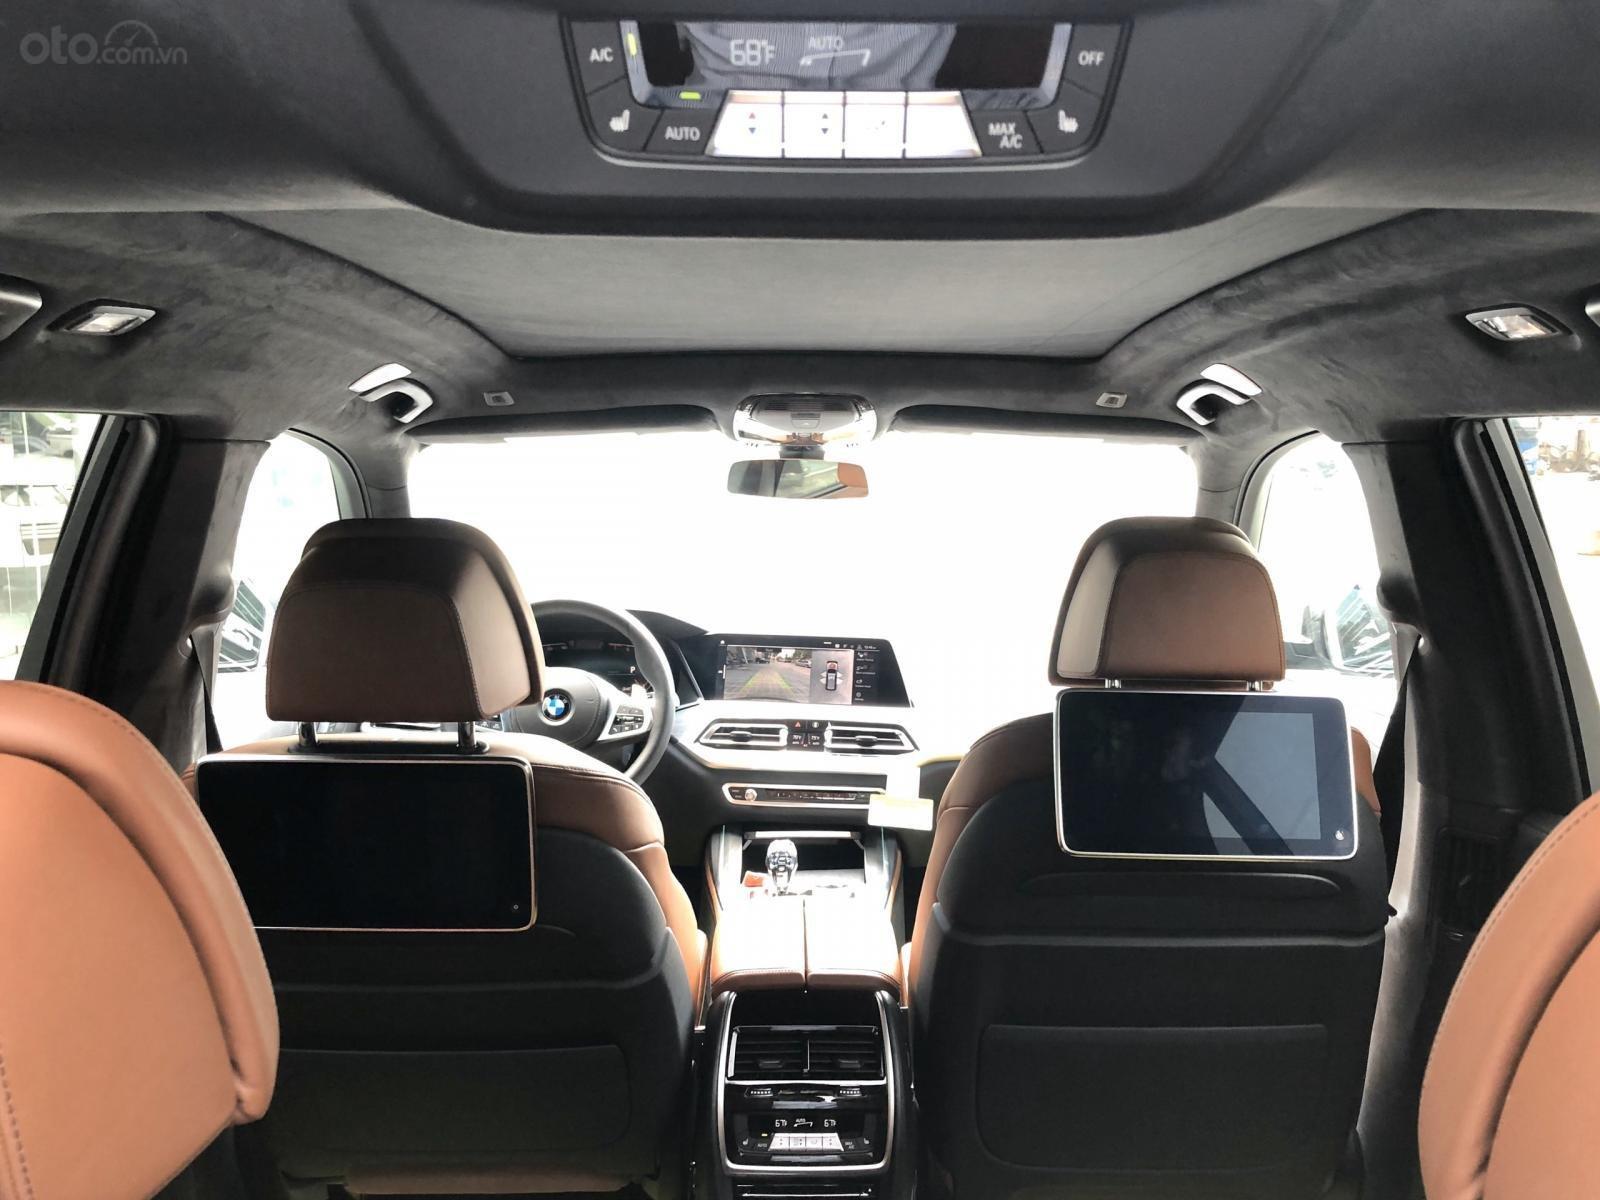 Bán BMW X7 xDrive40i đời 2020, nhập Mỹ, giao ngay toàn quốc, giá tốt, LH 0945.39.2468 Ms Hương (11)